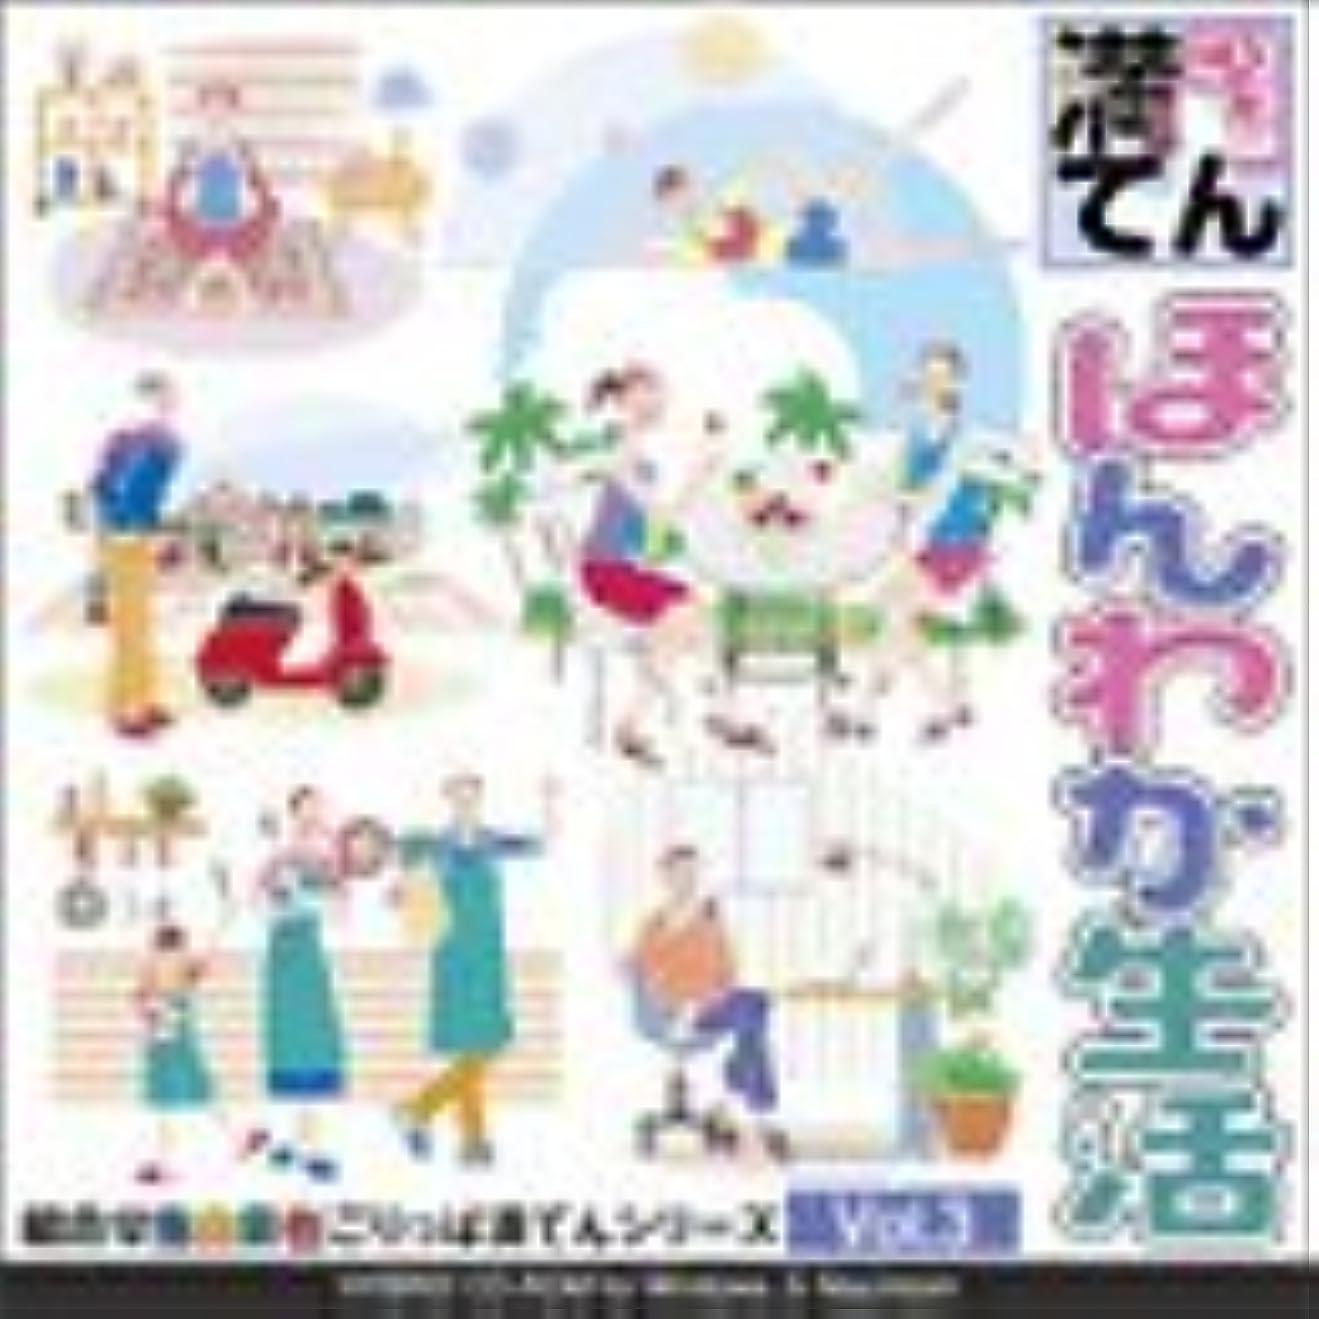 幹テレックス拘束ごりっぱ満てんシリーズ Vol.3 ほんわか生活